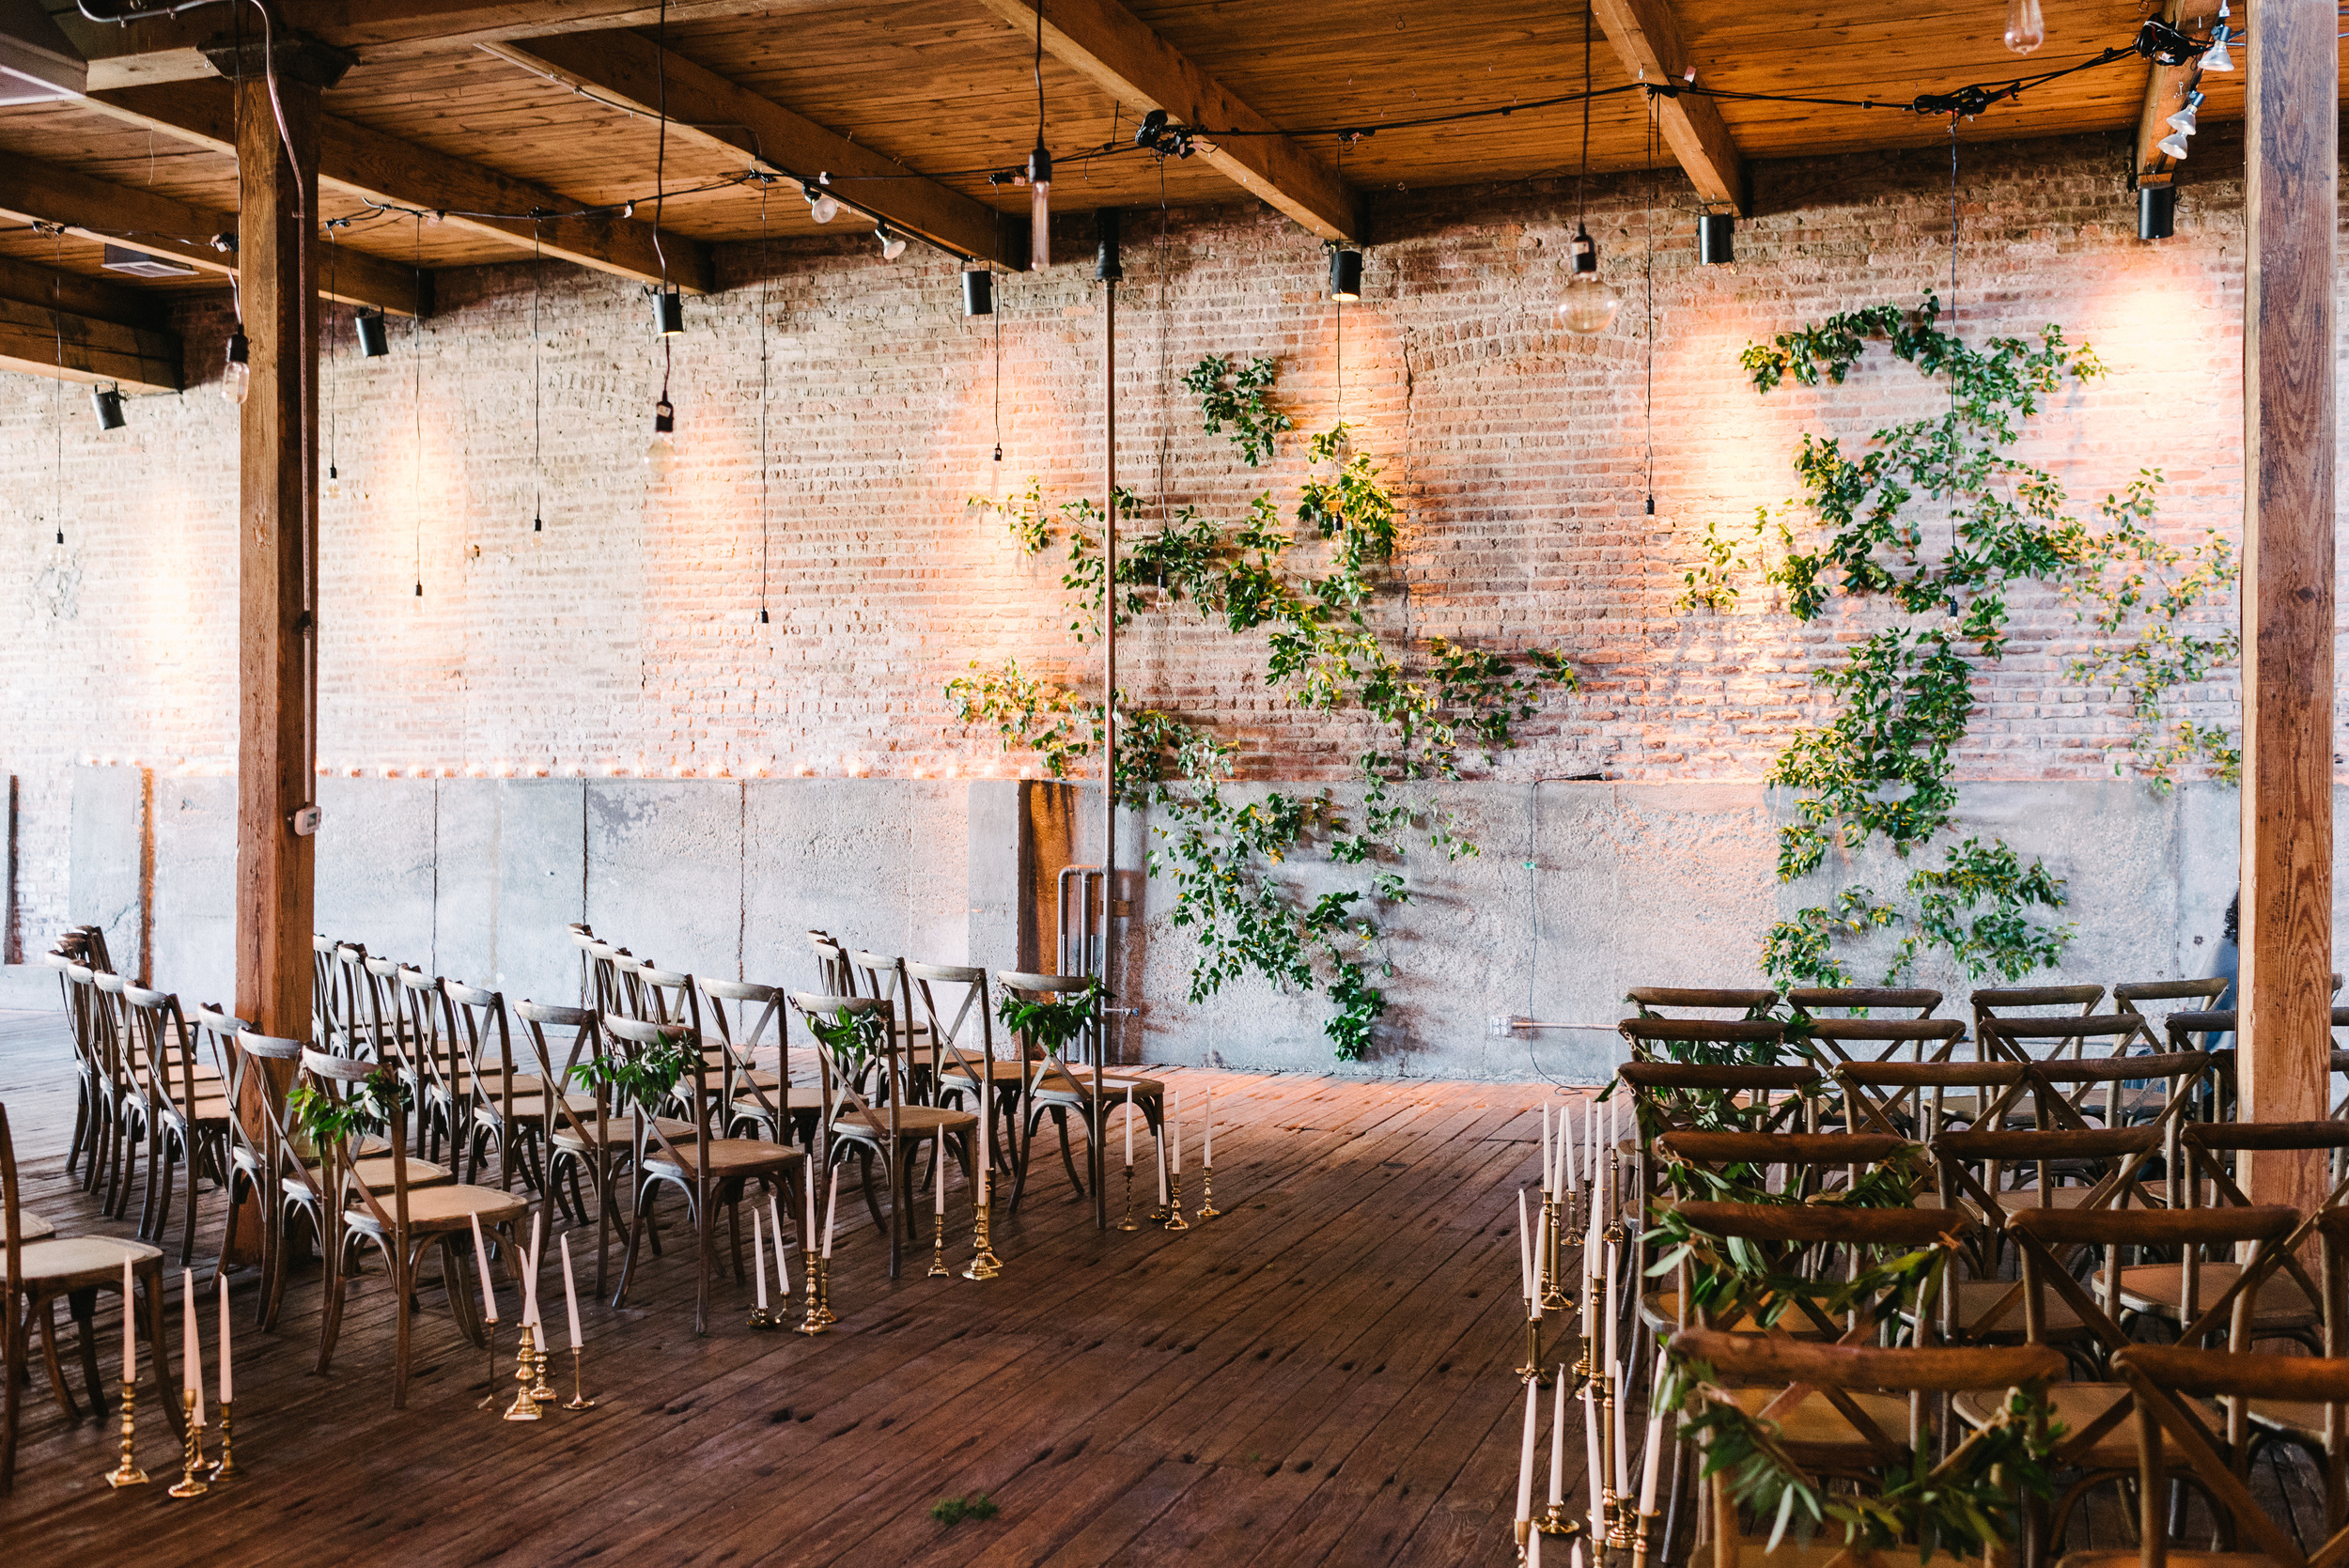 greenery wedding altar backdrop.jpg